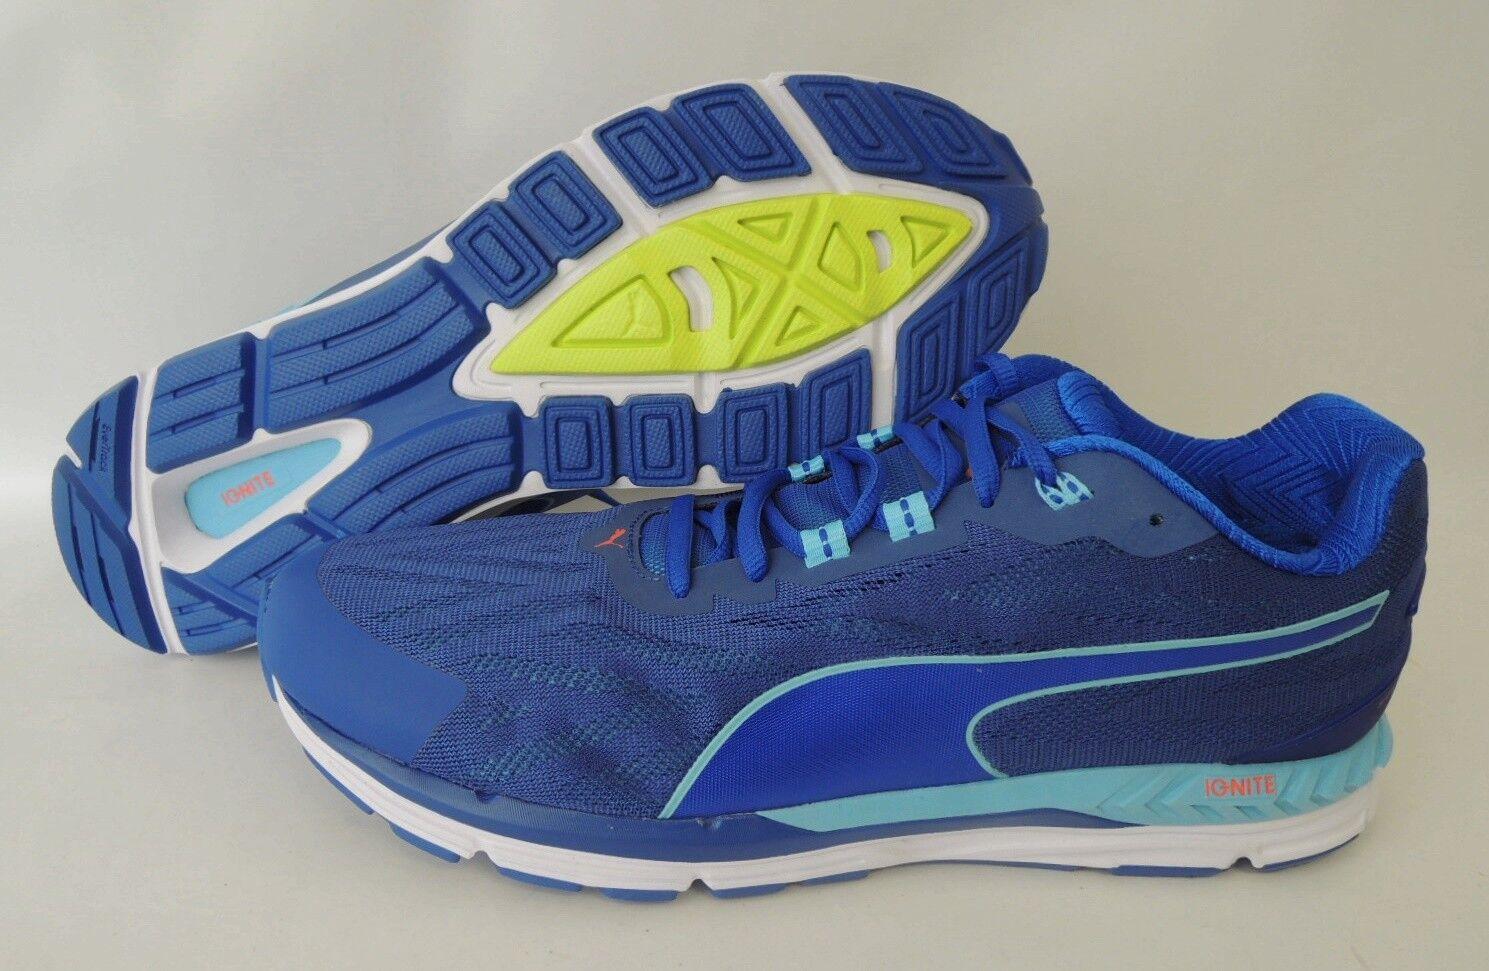 NEU Puma Speed 600 600 600 Ignite 2 Running Schuhe 41 Laufschuhe 189518-06 8bde2b